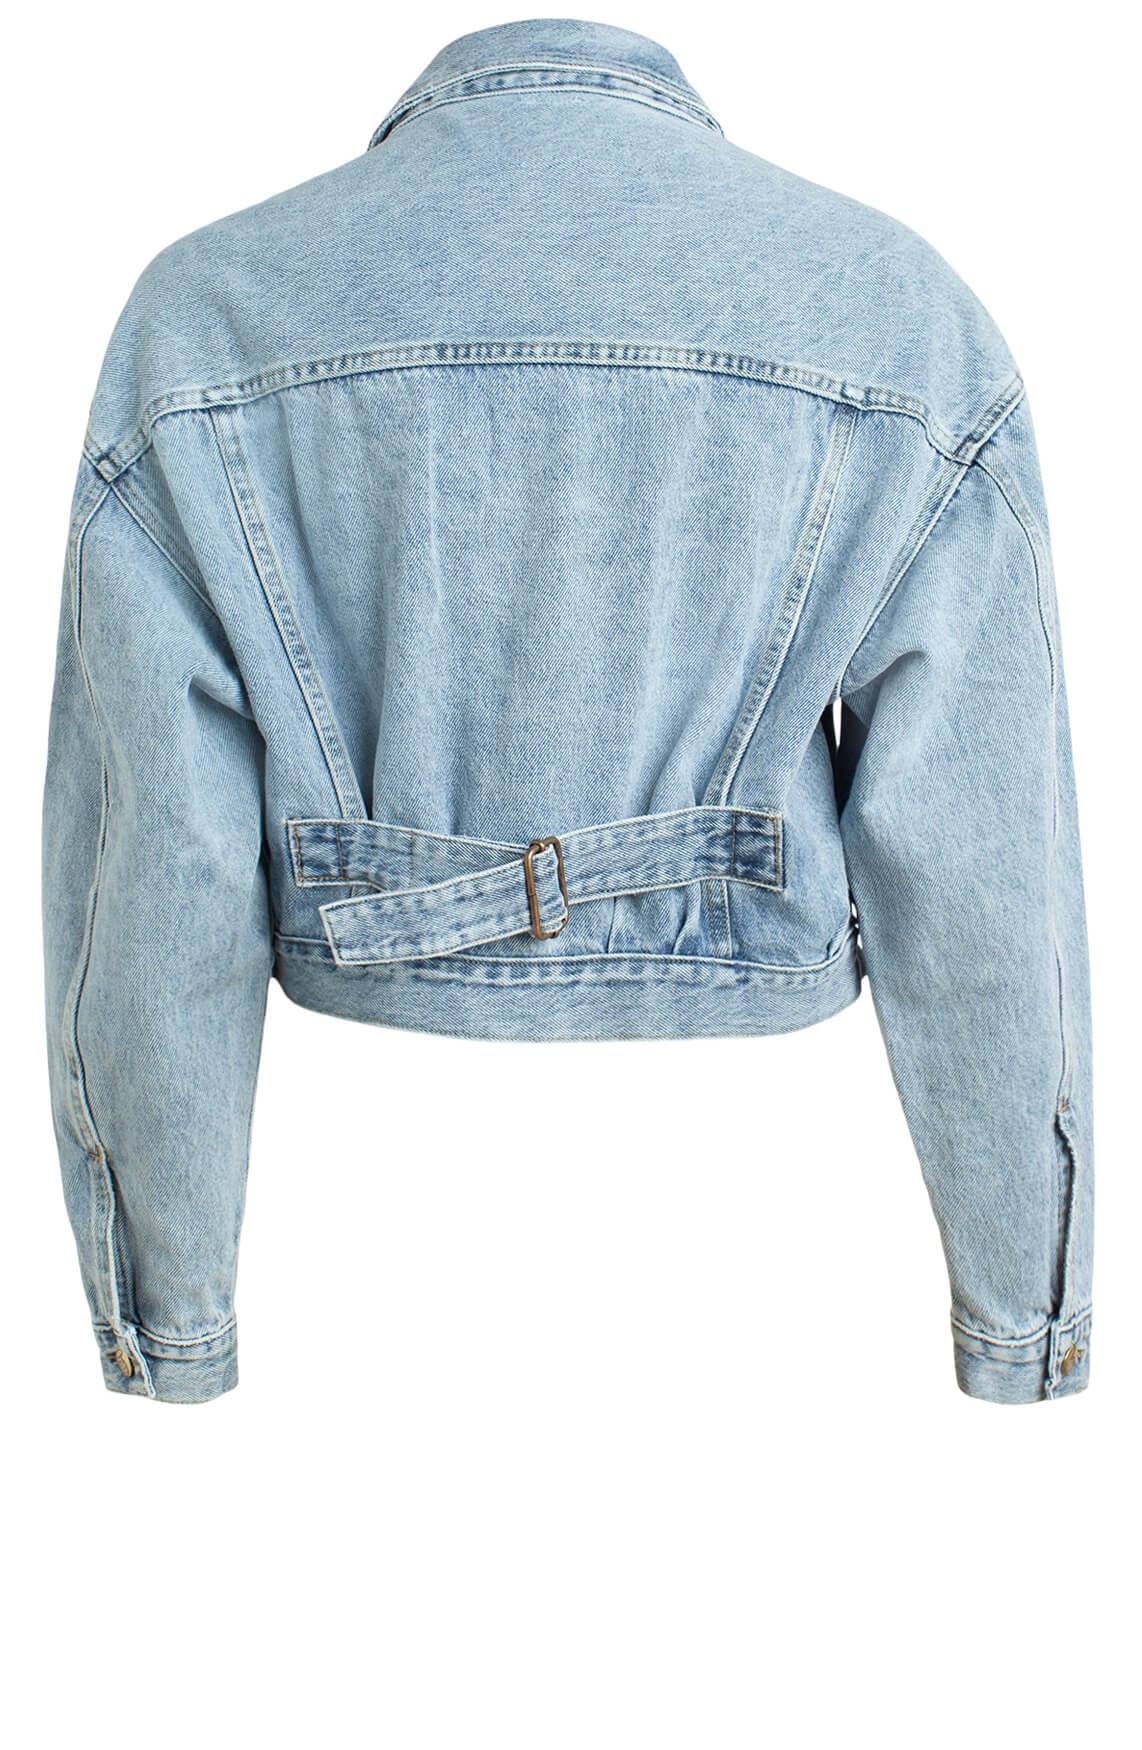 Lois Dames Torero spijkerjack Blauw